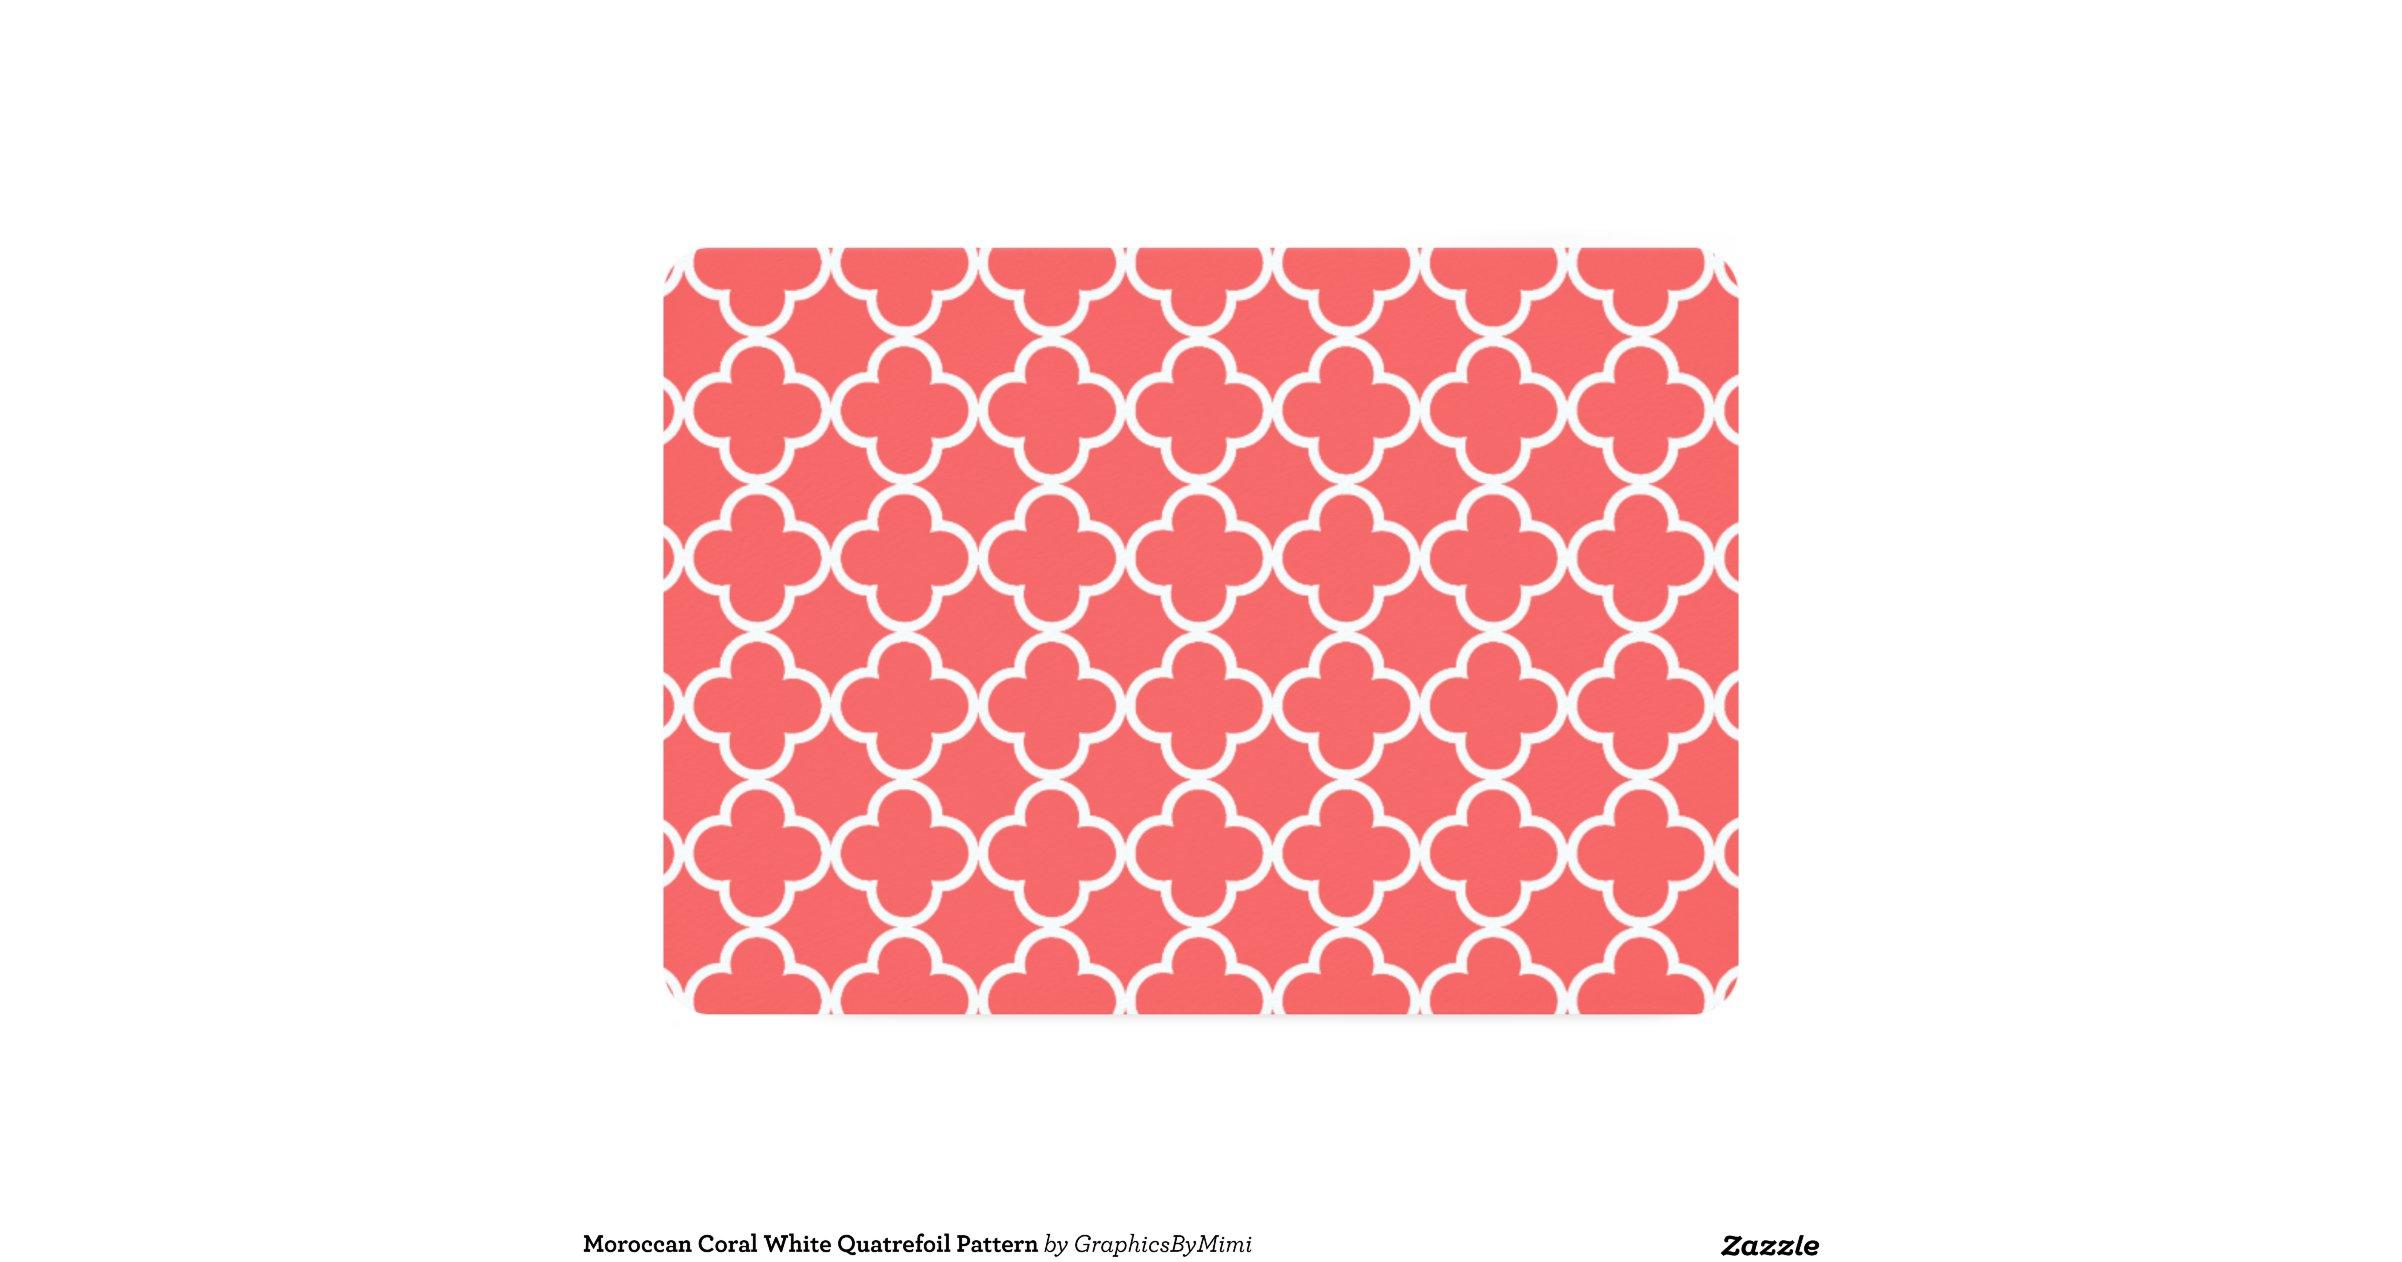 Snap Quatrefoil Pattern Invitations Announcements Zazzle.com.au ...